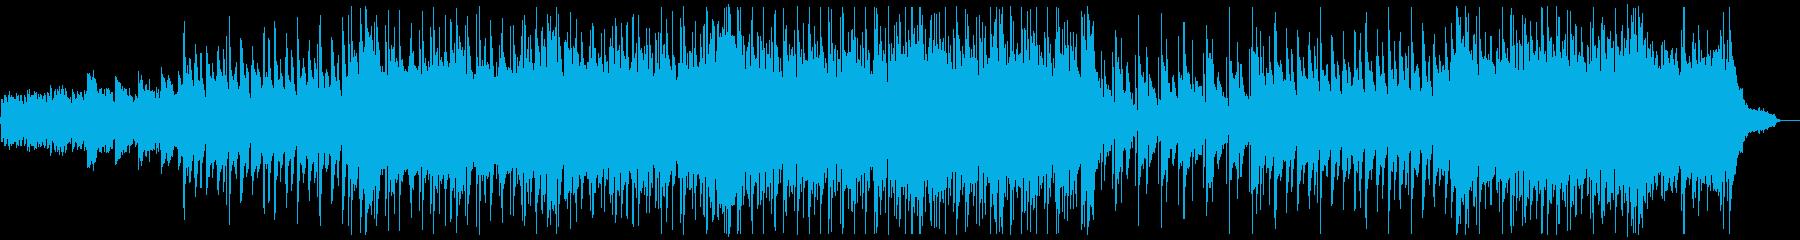 明るいフォークギターポップス:フルx1の再生済みの波形